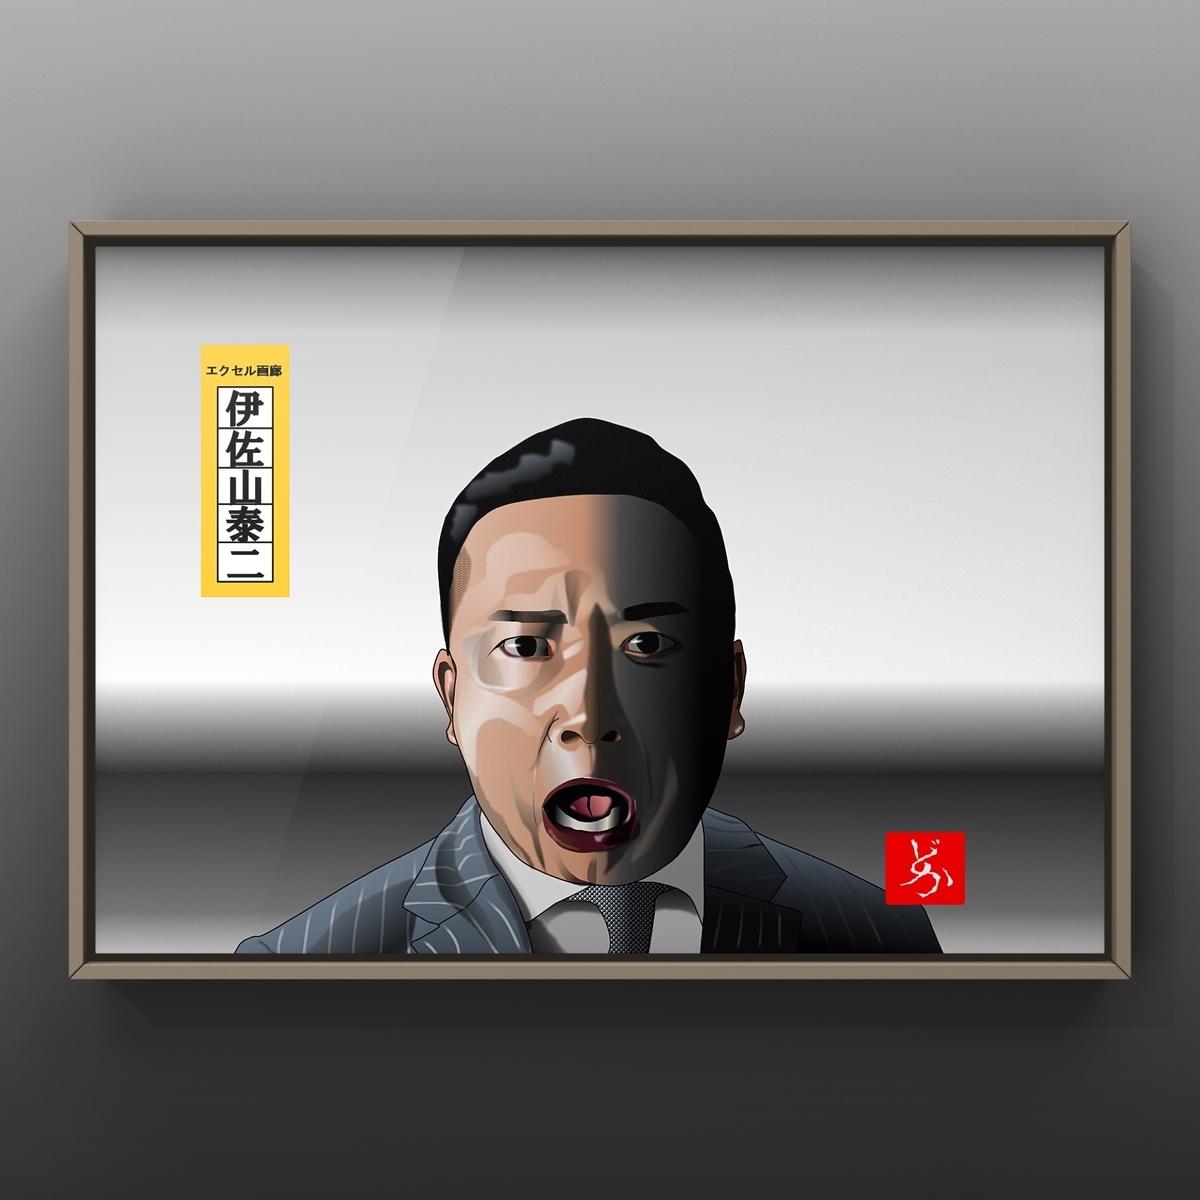 「詫びろ」8連発。半沢直樹の伊佐山部長@市川猿之助のエクセル画イラスト額装版